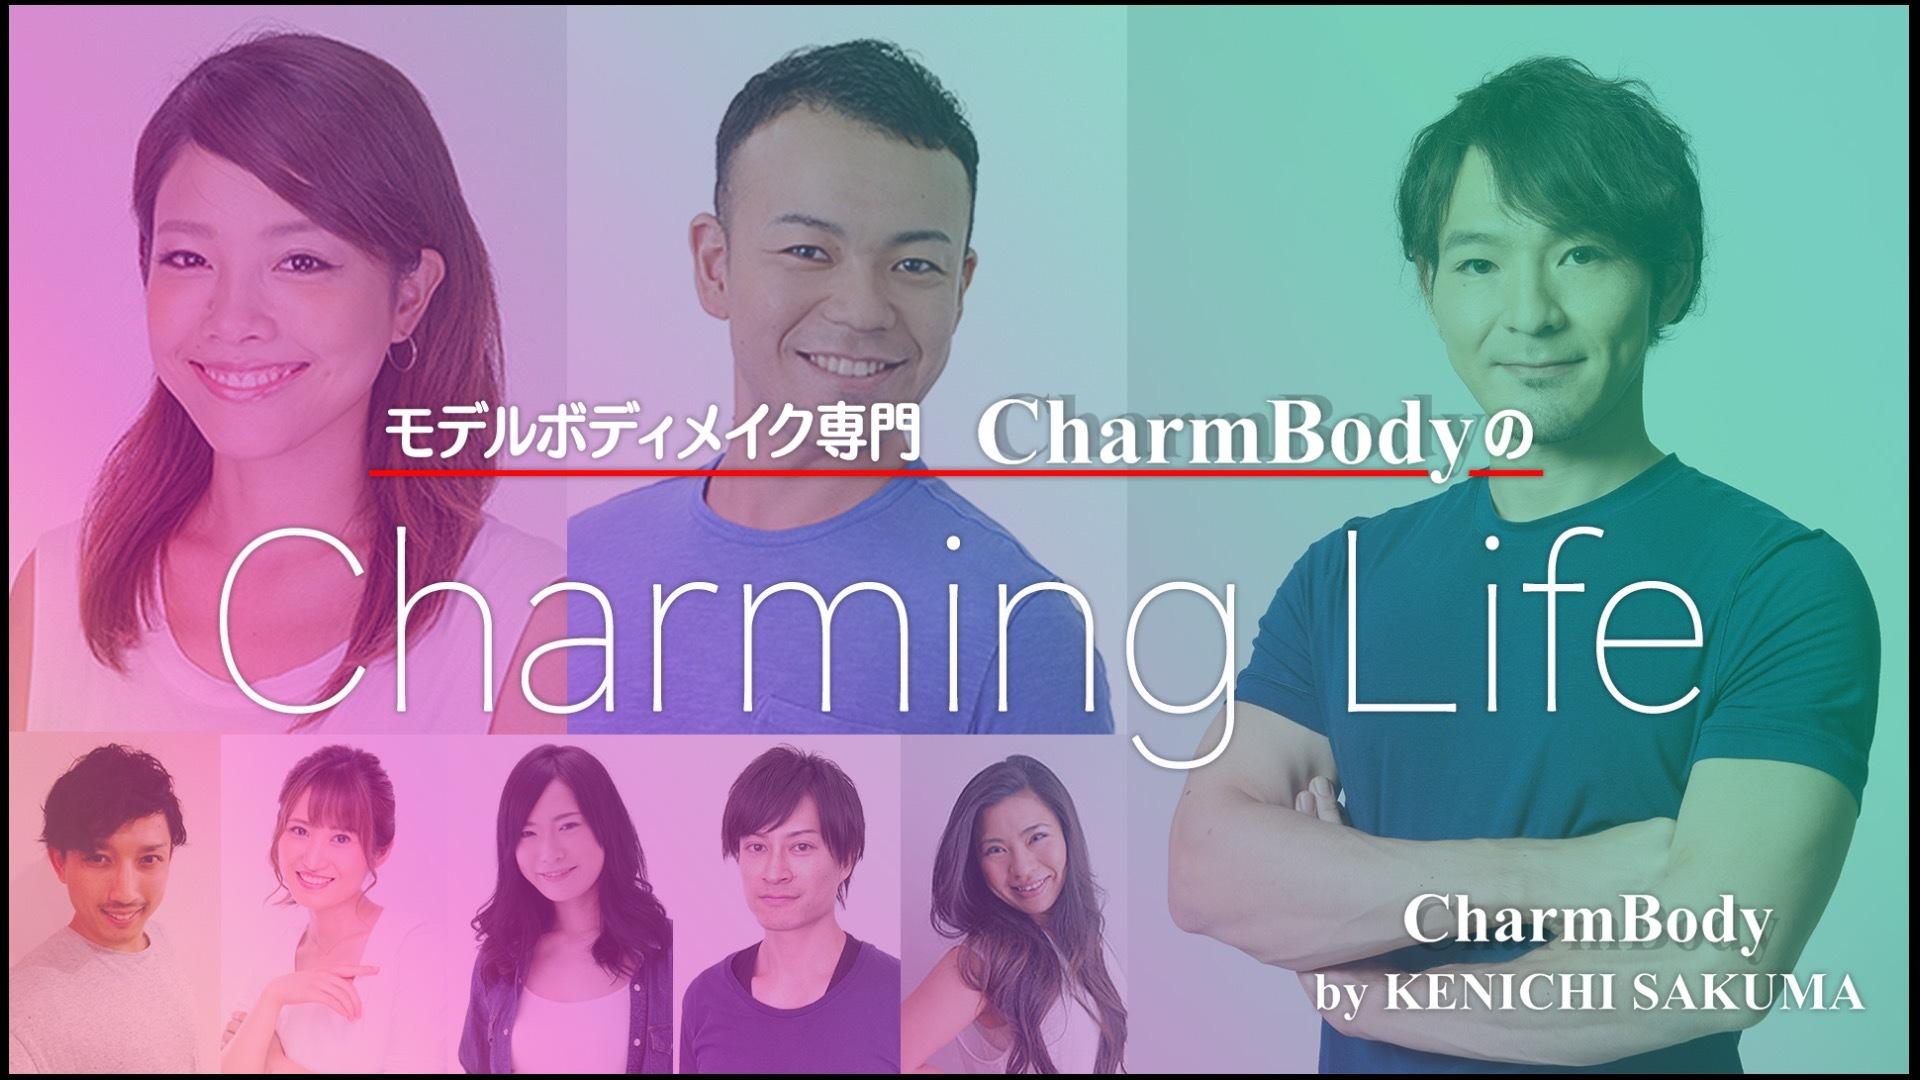 CharmBody - モデルボディメイク専門CharmBodyのCharming Life - DMM オンラインサロン